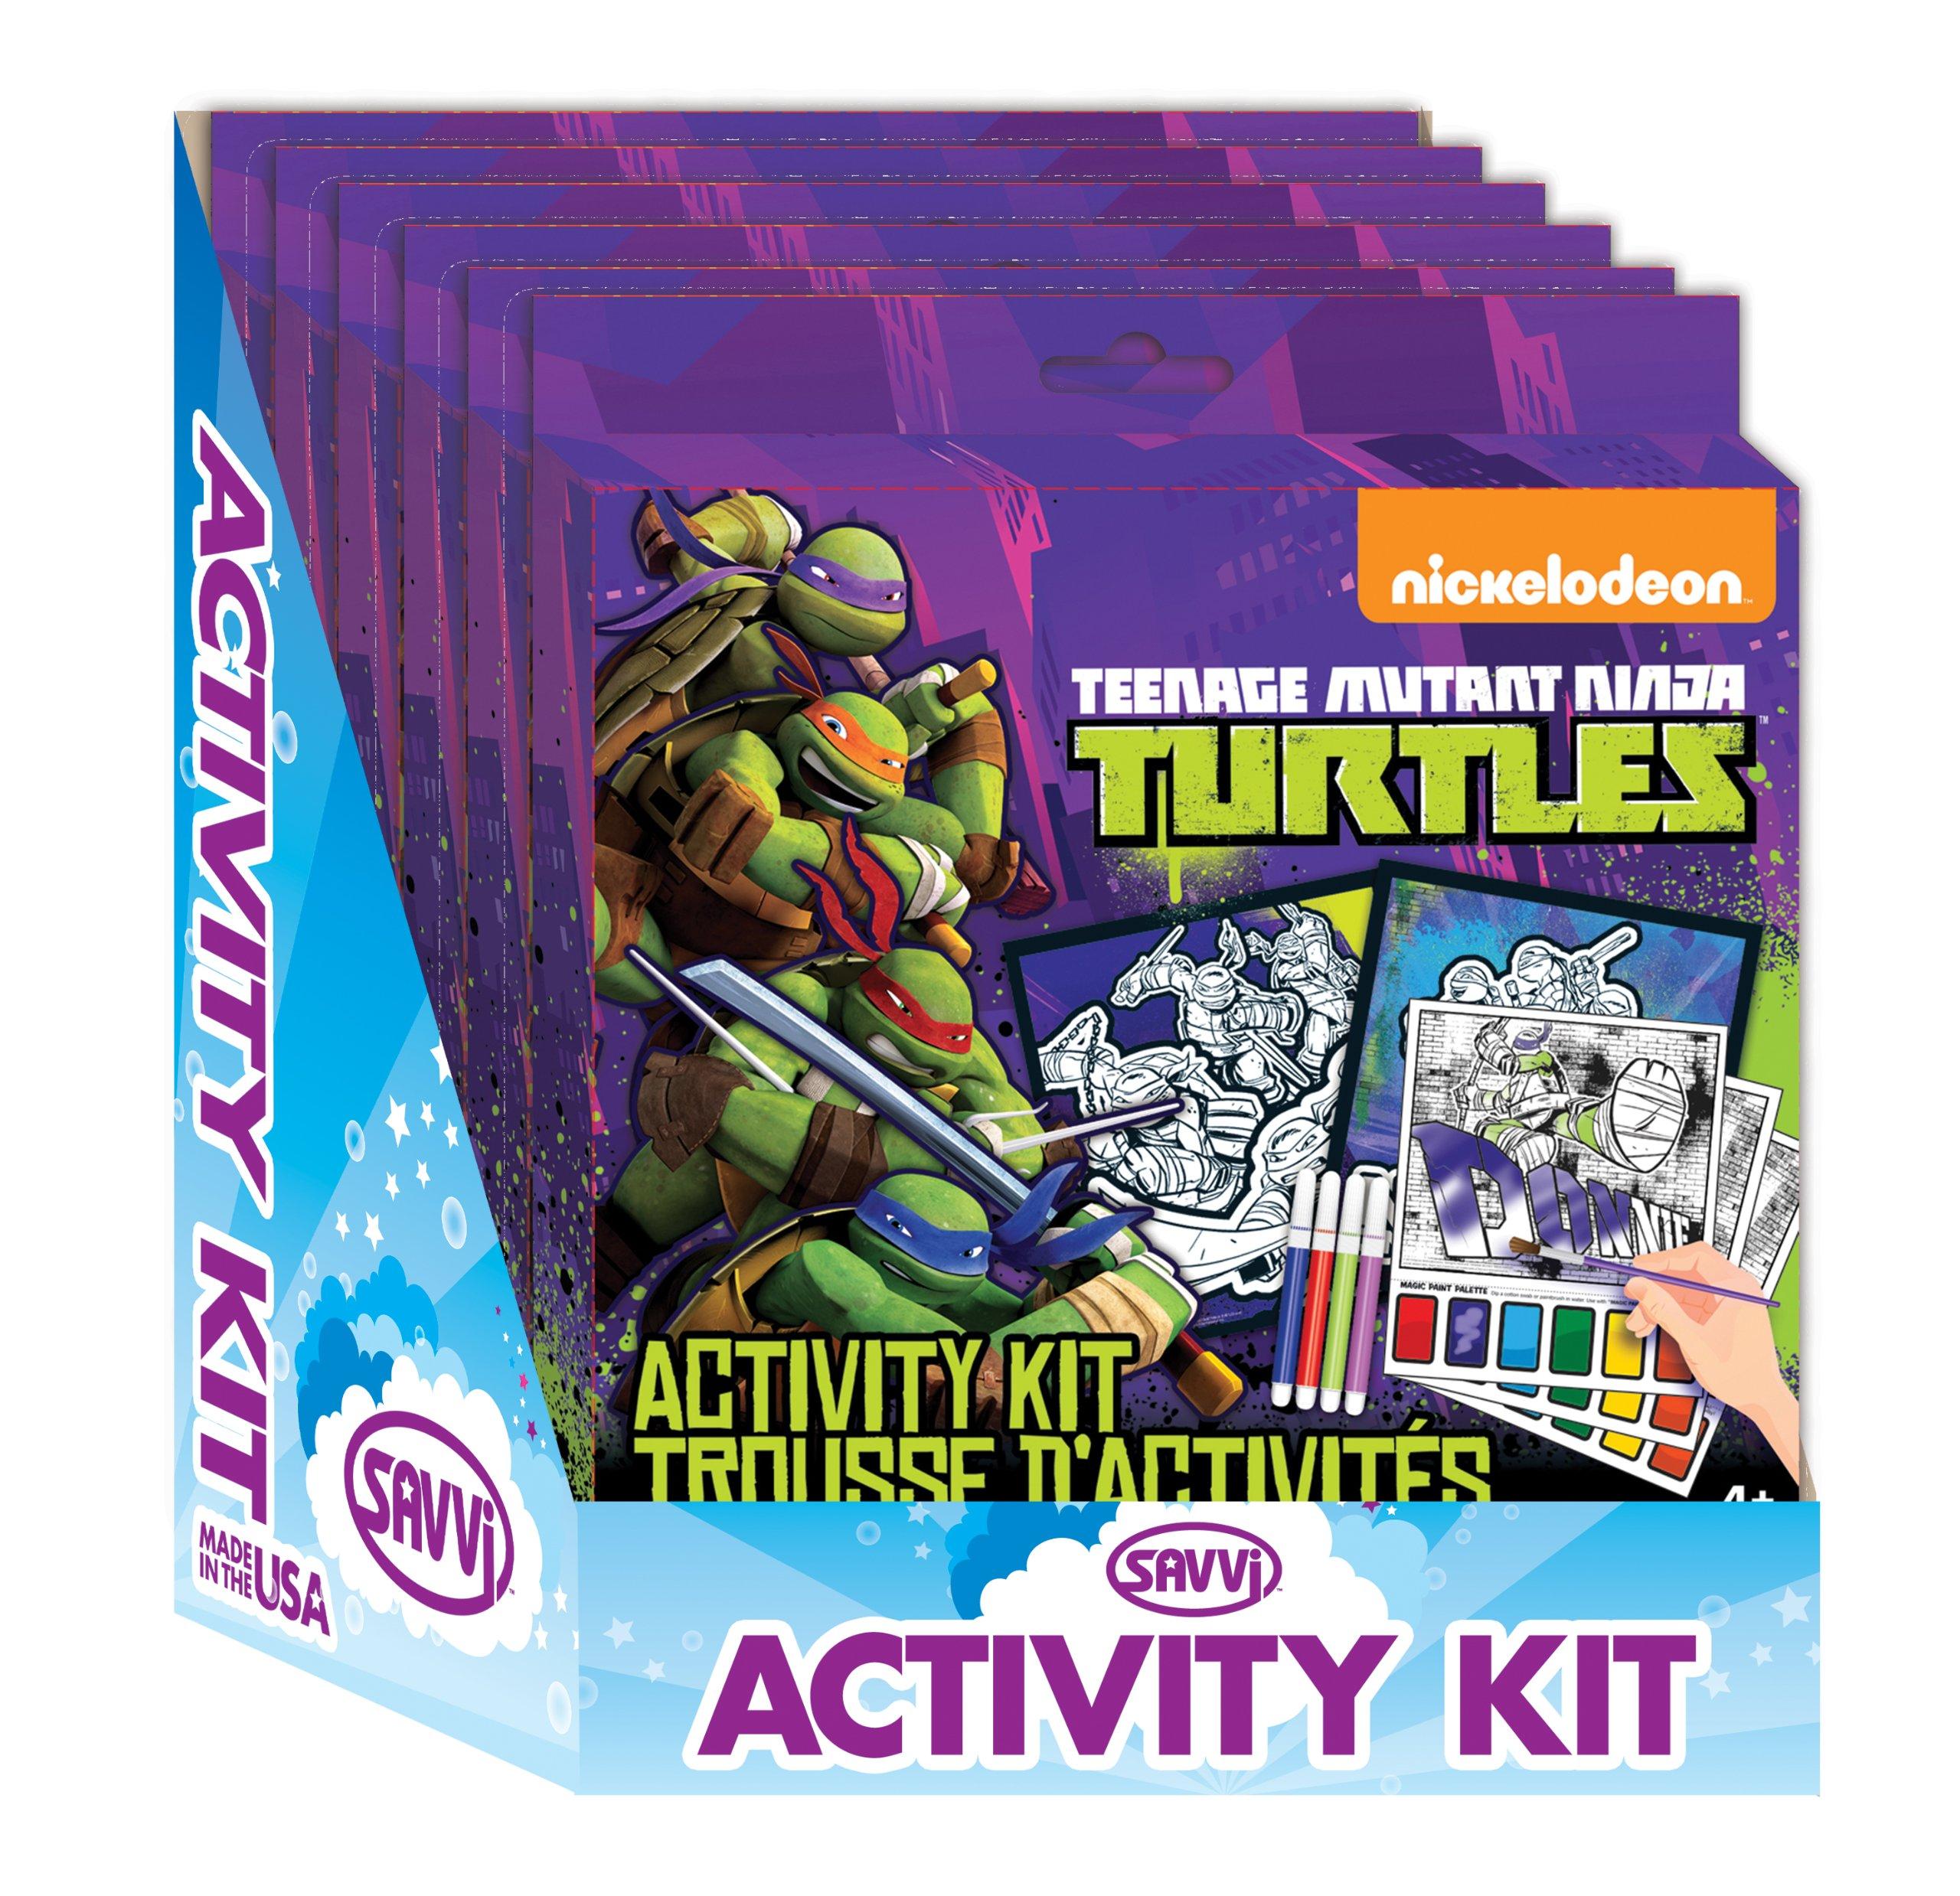 Savvi Teenage Mutant Ninja Turtles Coloring Activity Kit (6-Pack)